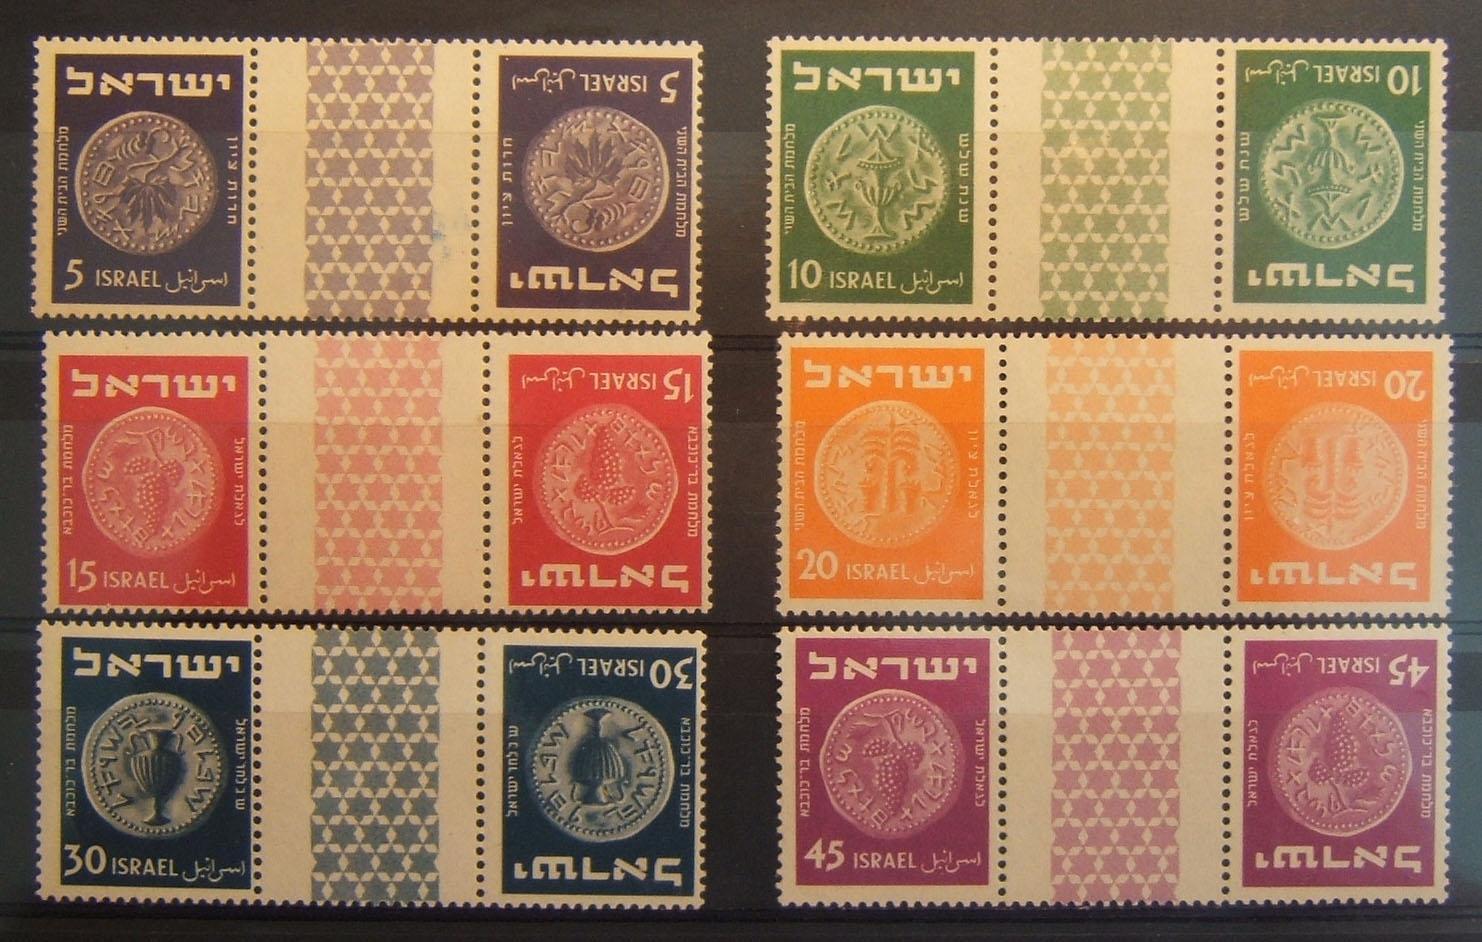 Set x6 Mered II (1950-52) tete beche gutter pairs (Ba 42b-63b); MNH